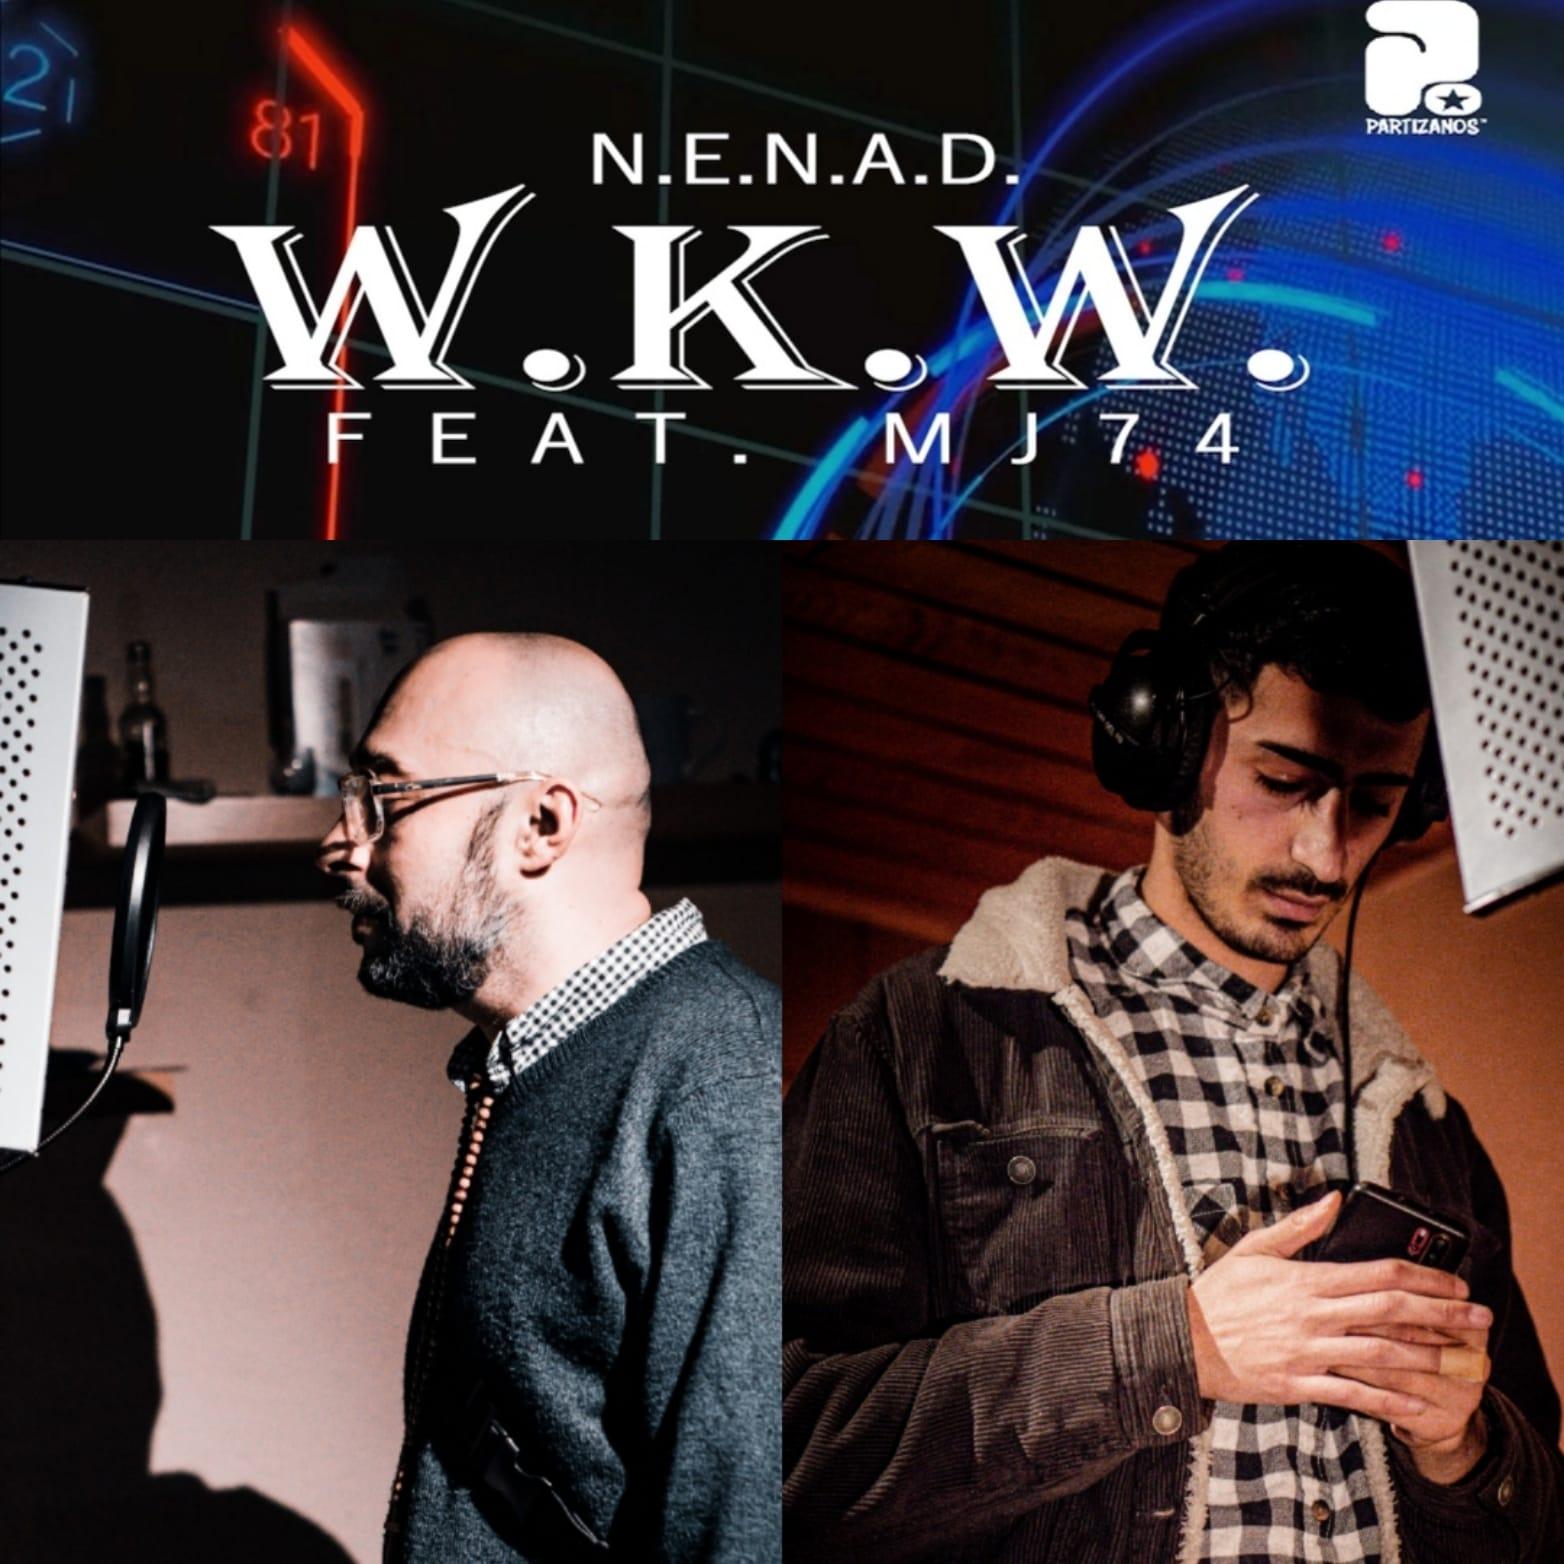 Upcoming: N.E.N.A.D feat. MJ.74 - WKW